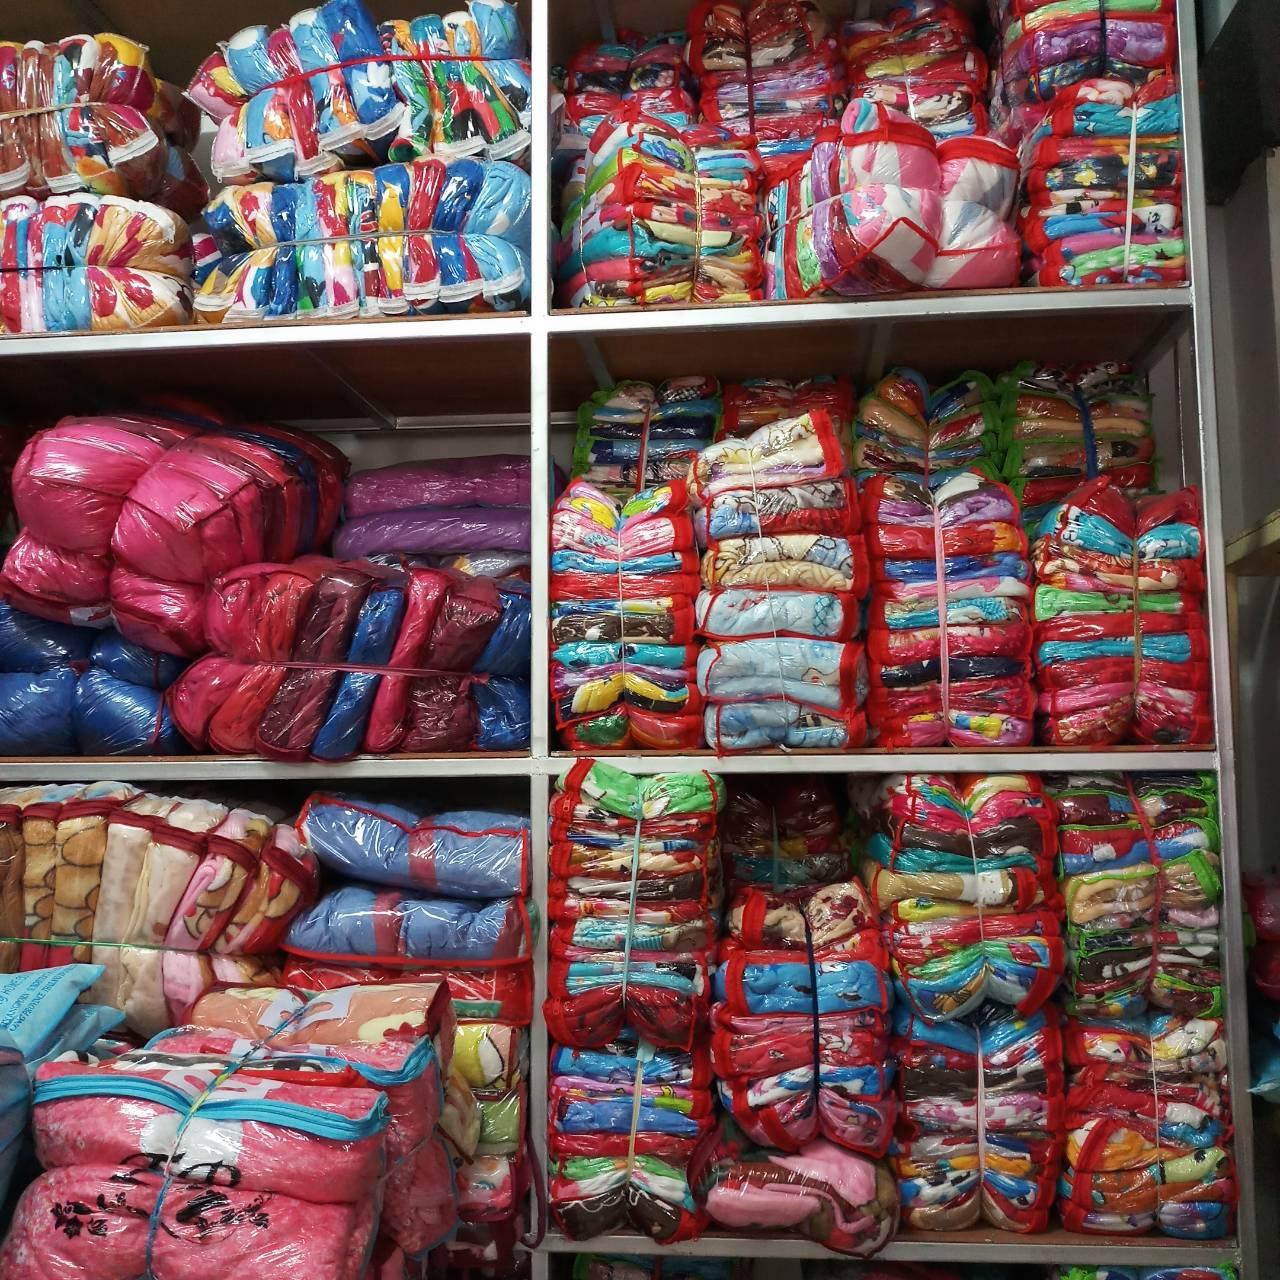 ผ้าห่มนาโน ตลาดโรงเหลือ ขายส่งผ้าห่มนาโน